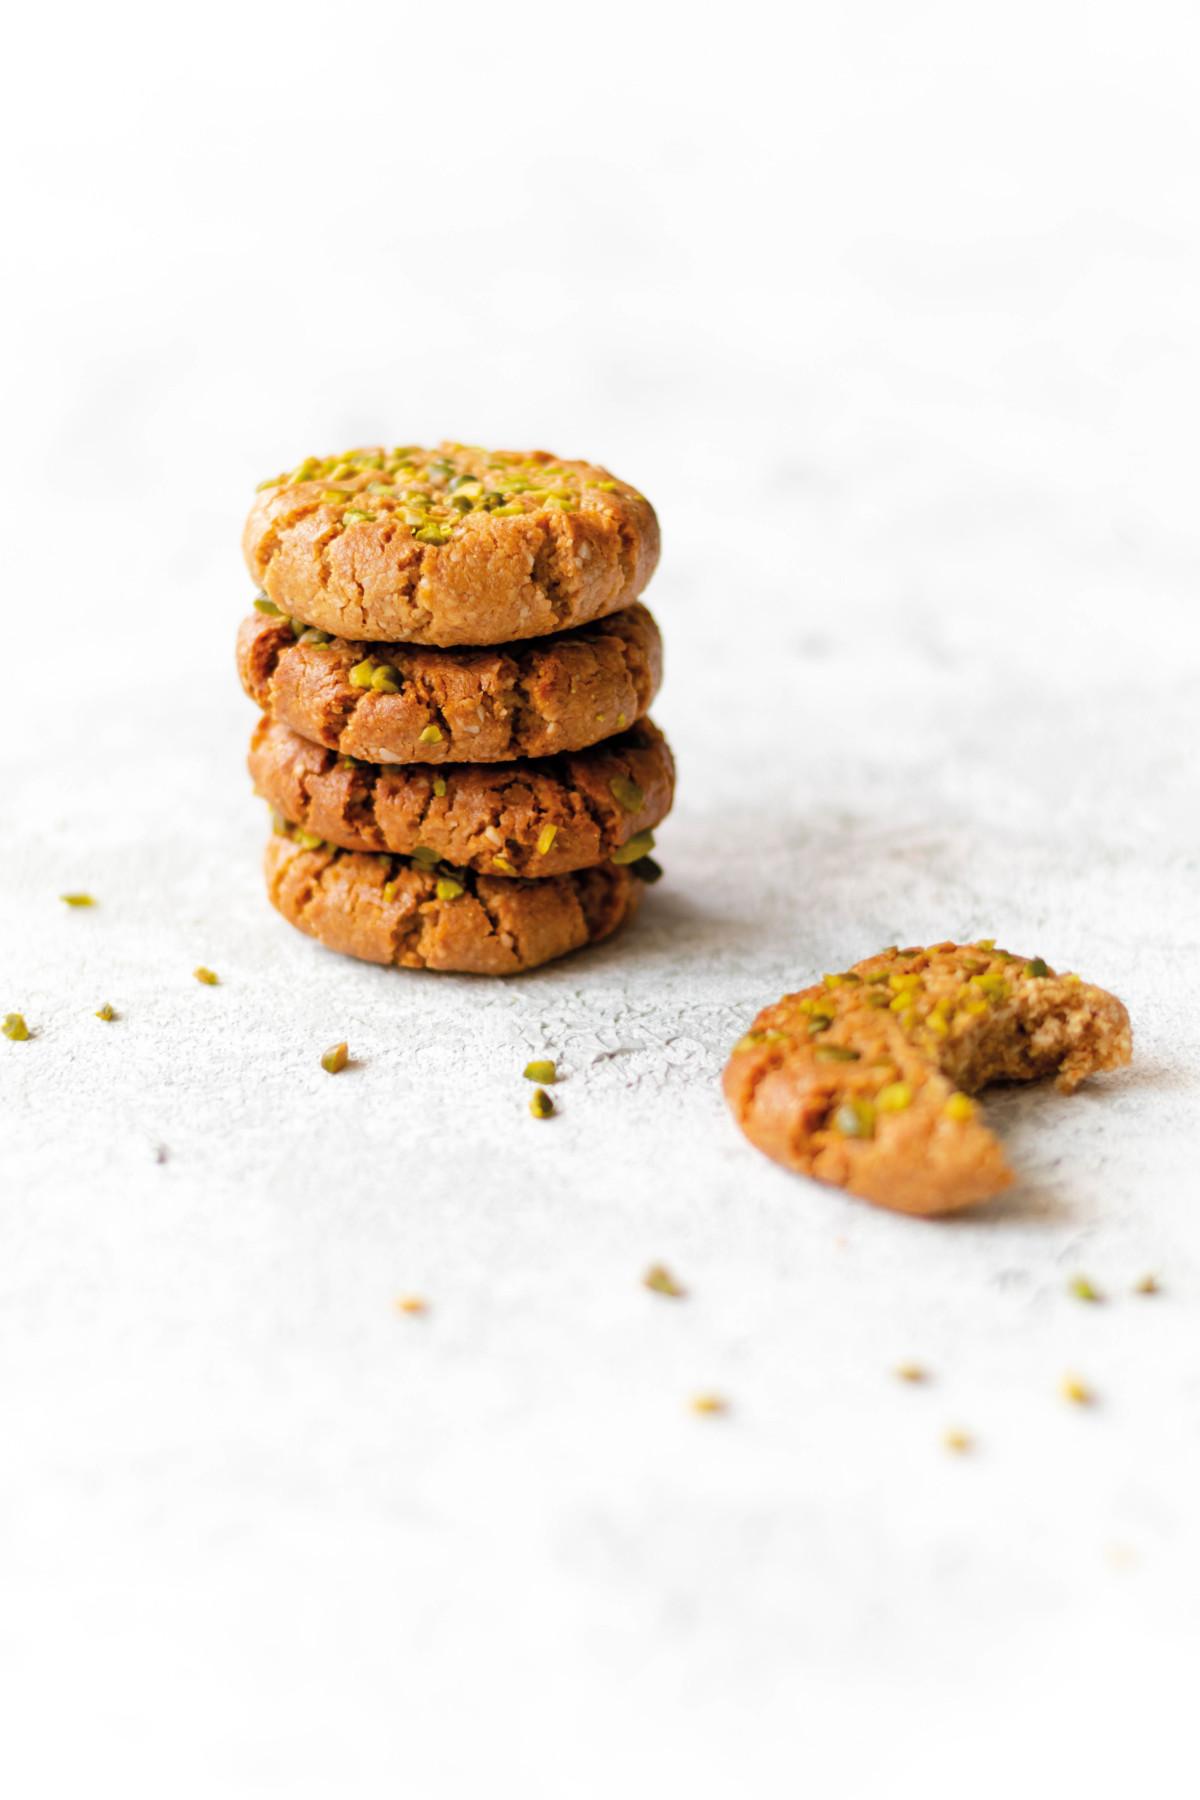 Sesam Cookies mit Pistazien // Sesame Cookies with pistachios by https://babyrockmyday.com/sesam-cookies/